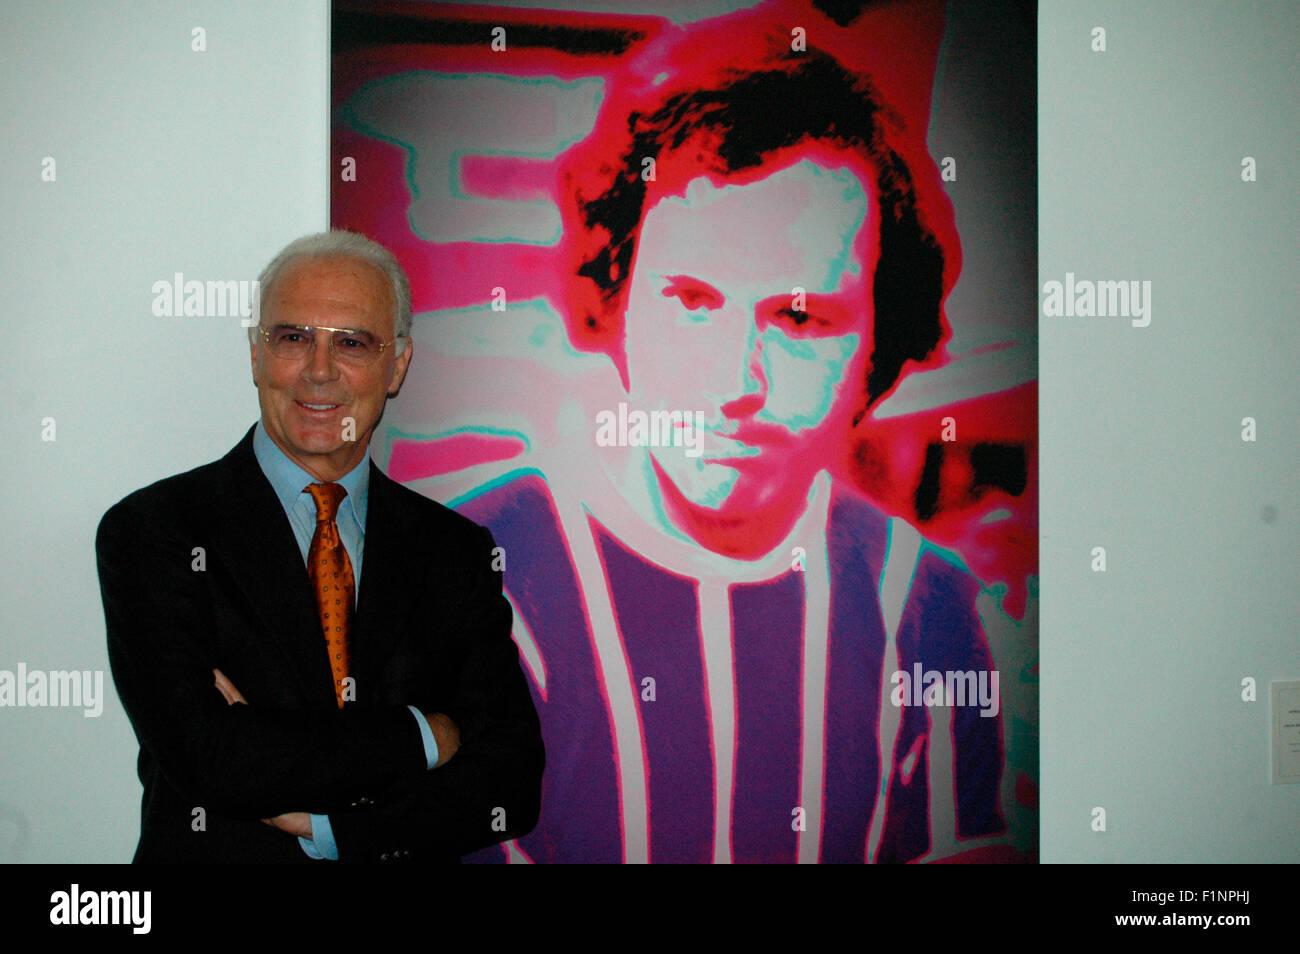 Franz Beckenbauer - Enthuellung eines ritratti des 'Kaiser' der Schweizer Kuenstlerin Annelies ferrovia Štrba, im Rahmen der Ausstellung Foto Stock